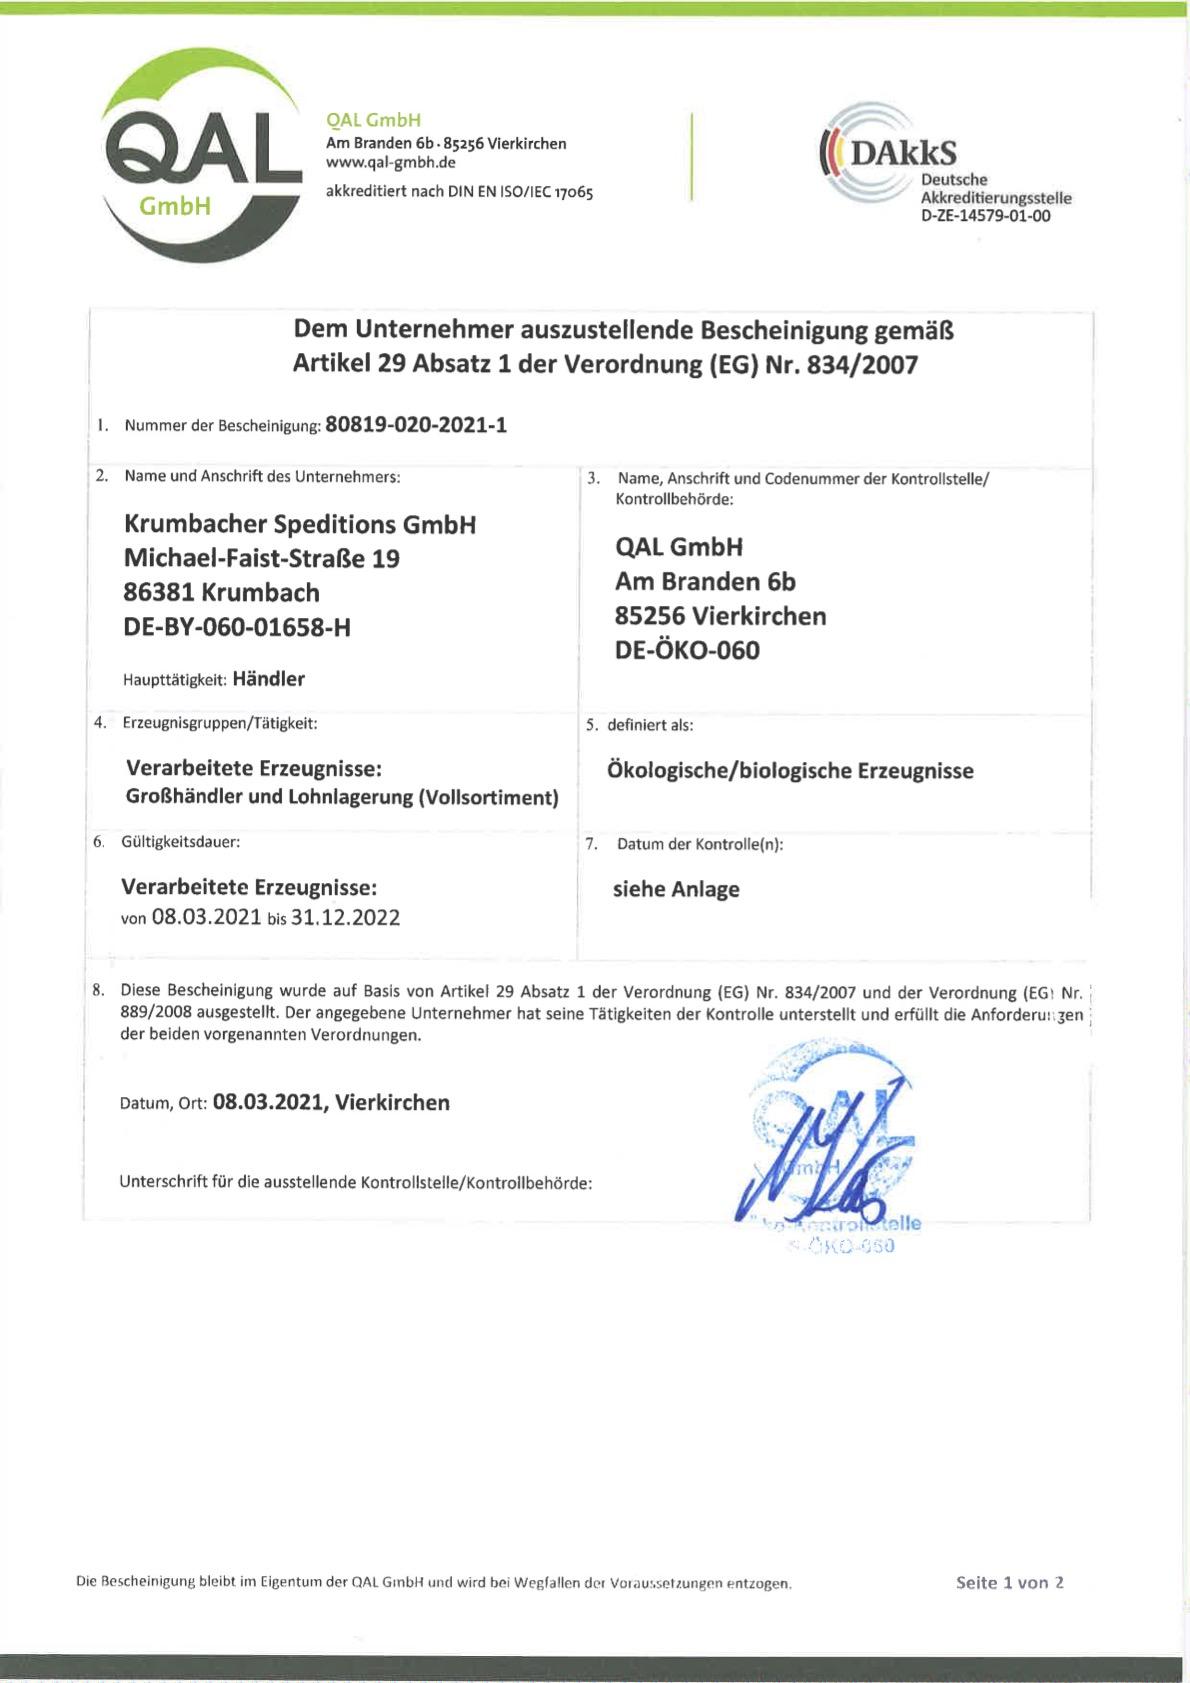 bescheinigung-vo-eg-nr.-834_2007-2021-gessertshausen